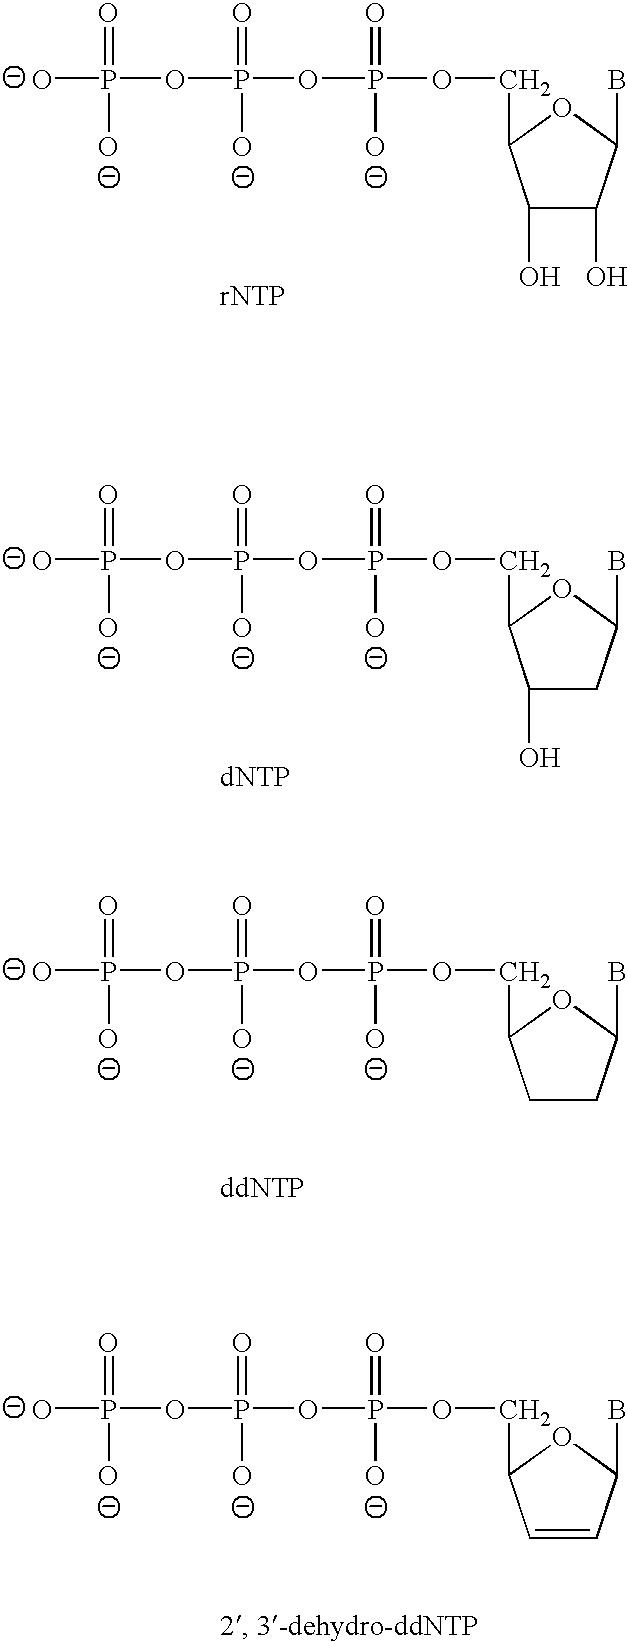 Figure US20030013089A1-20030116-C00002